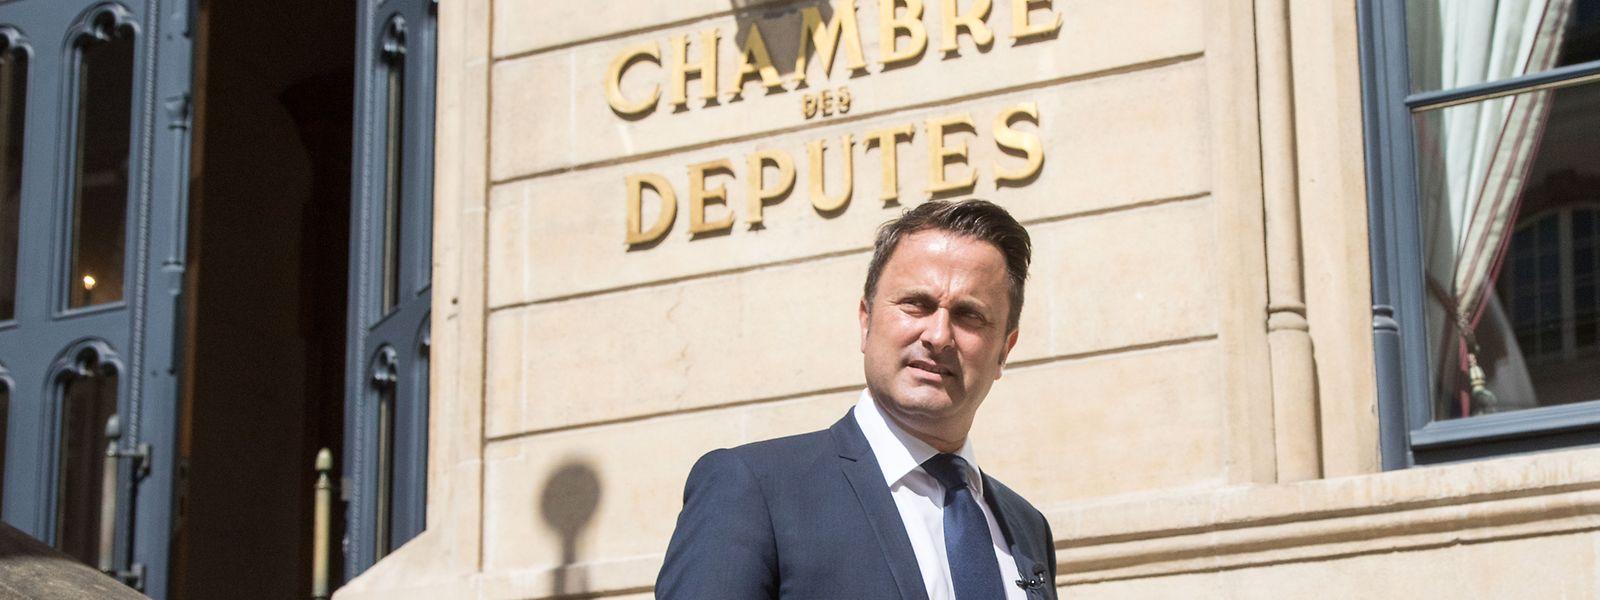 Rendez-vous im Parlament: Premier Xavier Bettel erläutert am Nachmittag die Lage des Landes.